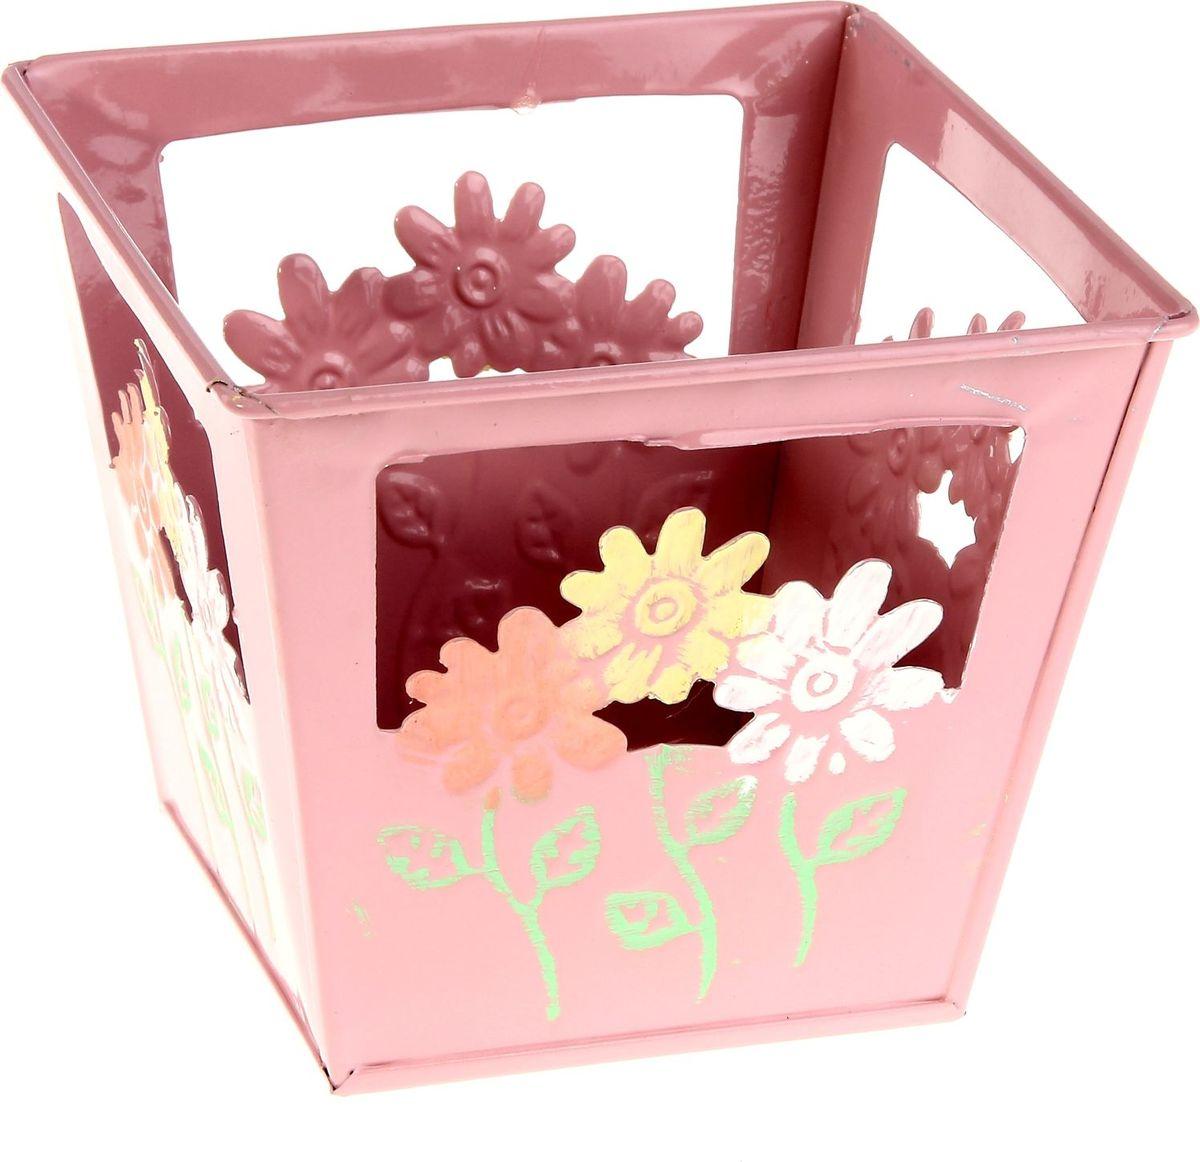 Кашпо Цветочки, цвет: розовый, 15 х 15 х 13 см232947Комнатные растения — всеобщие любимцы. Они радуют глаз, насыщают помещение кислородом и украшают пространство. Каждому из растений необходим свой удобный и красивый дом. Металлические декоративные вазы для горшков практичны и долговечны. Позаботится о зеленом питомце, освежит интерьер и подчеркнет его стиль. Особенно выигрышно они смотрятся в экстерьере: на террасах и в беседках. При желании его всегда можно перекрасить в другой цвет.